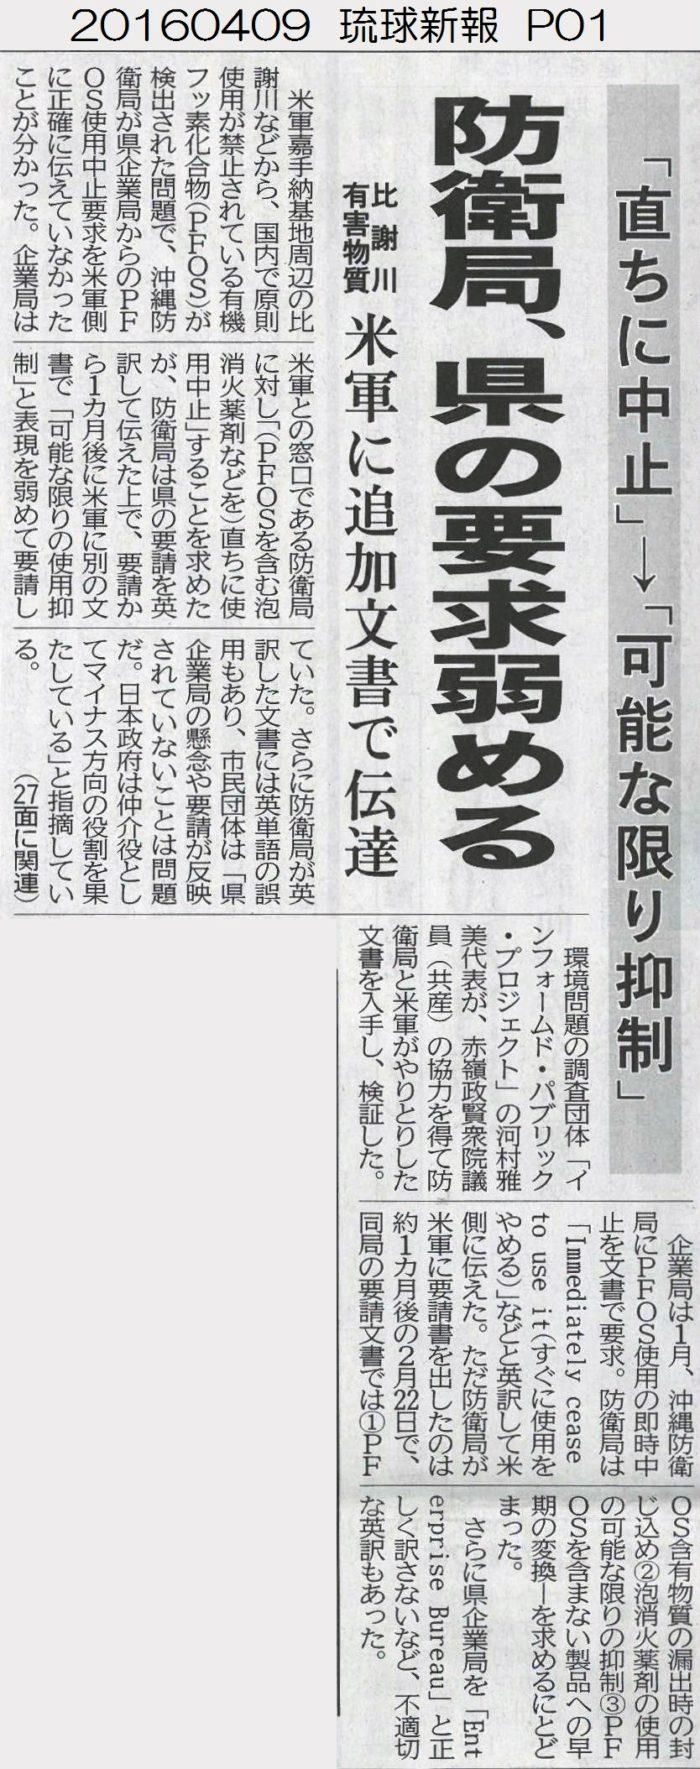 20160409 琉球新報 P01 比謝川有害物質 米軍に追加文書で伝達 防衛局県の要求弱める